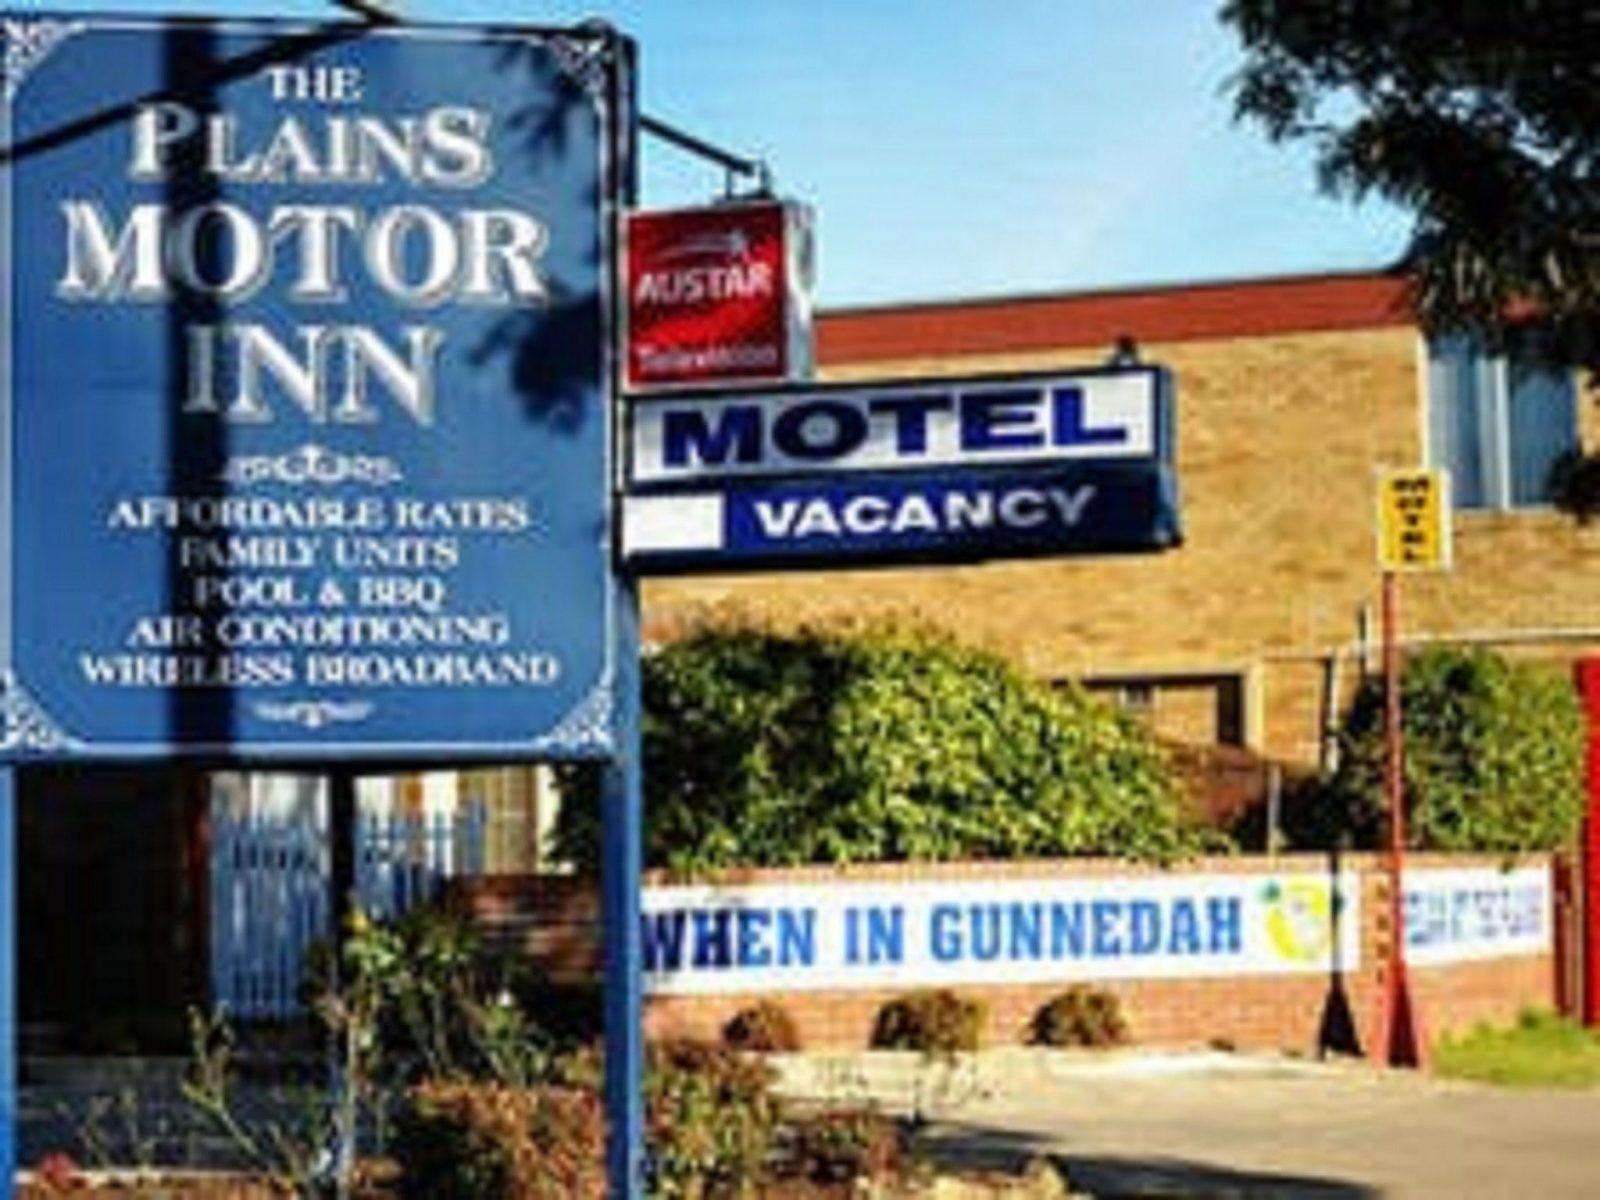 Front View Of Plain Motor Inn